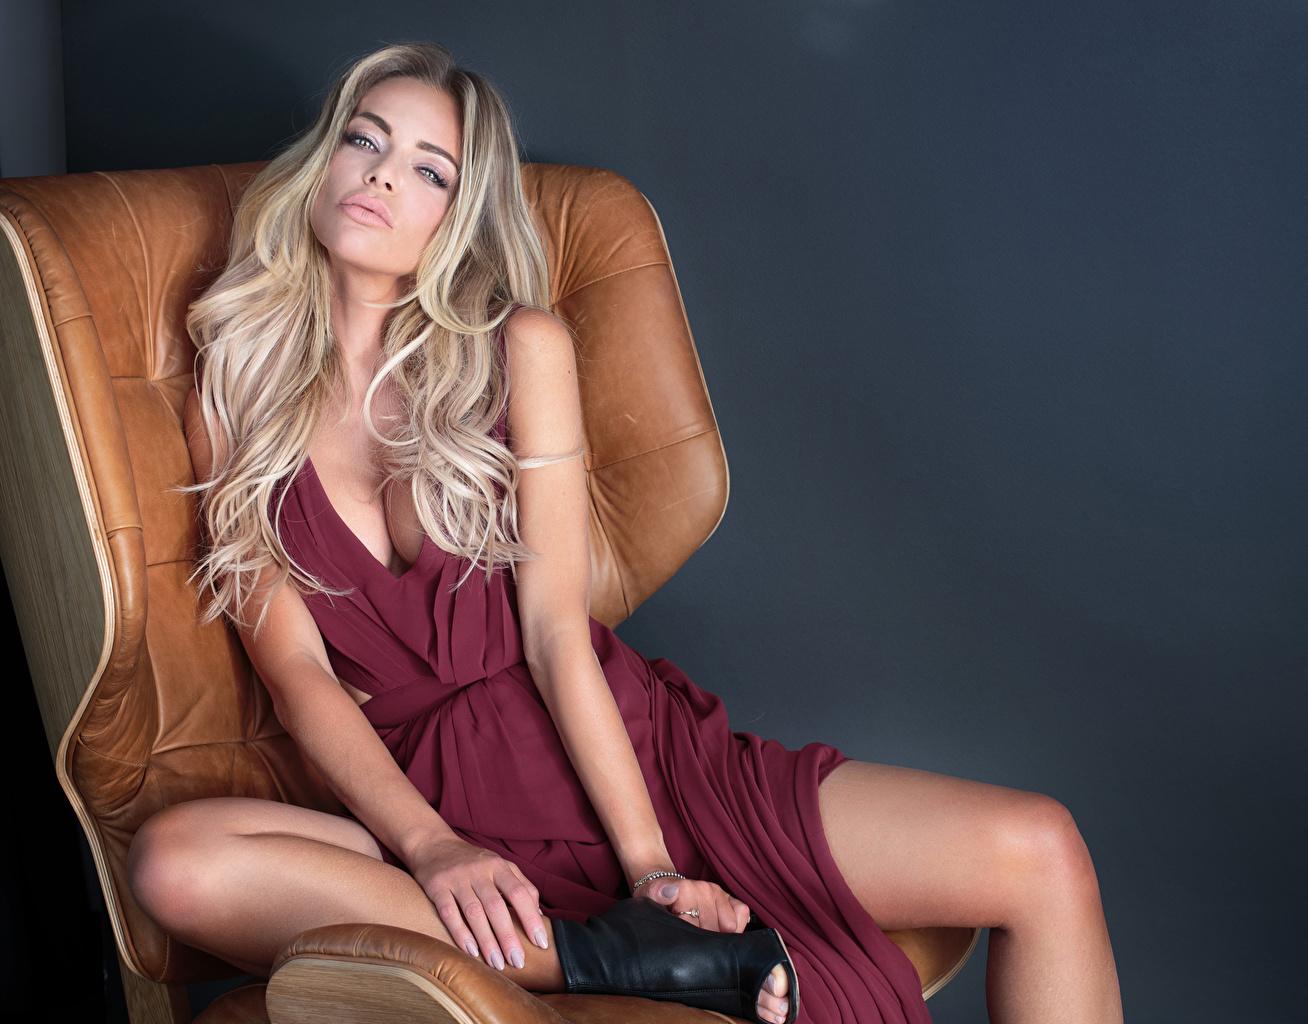 Картинка Блондинка молодые женщины сидя Руки Кресло Взгляд сером фоне платья блондинок блондинки девушка Девушки молодая женщина рука Сидит сидящие смотрят смотрит Серый фон Платье